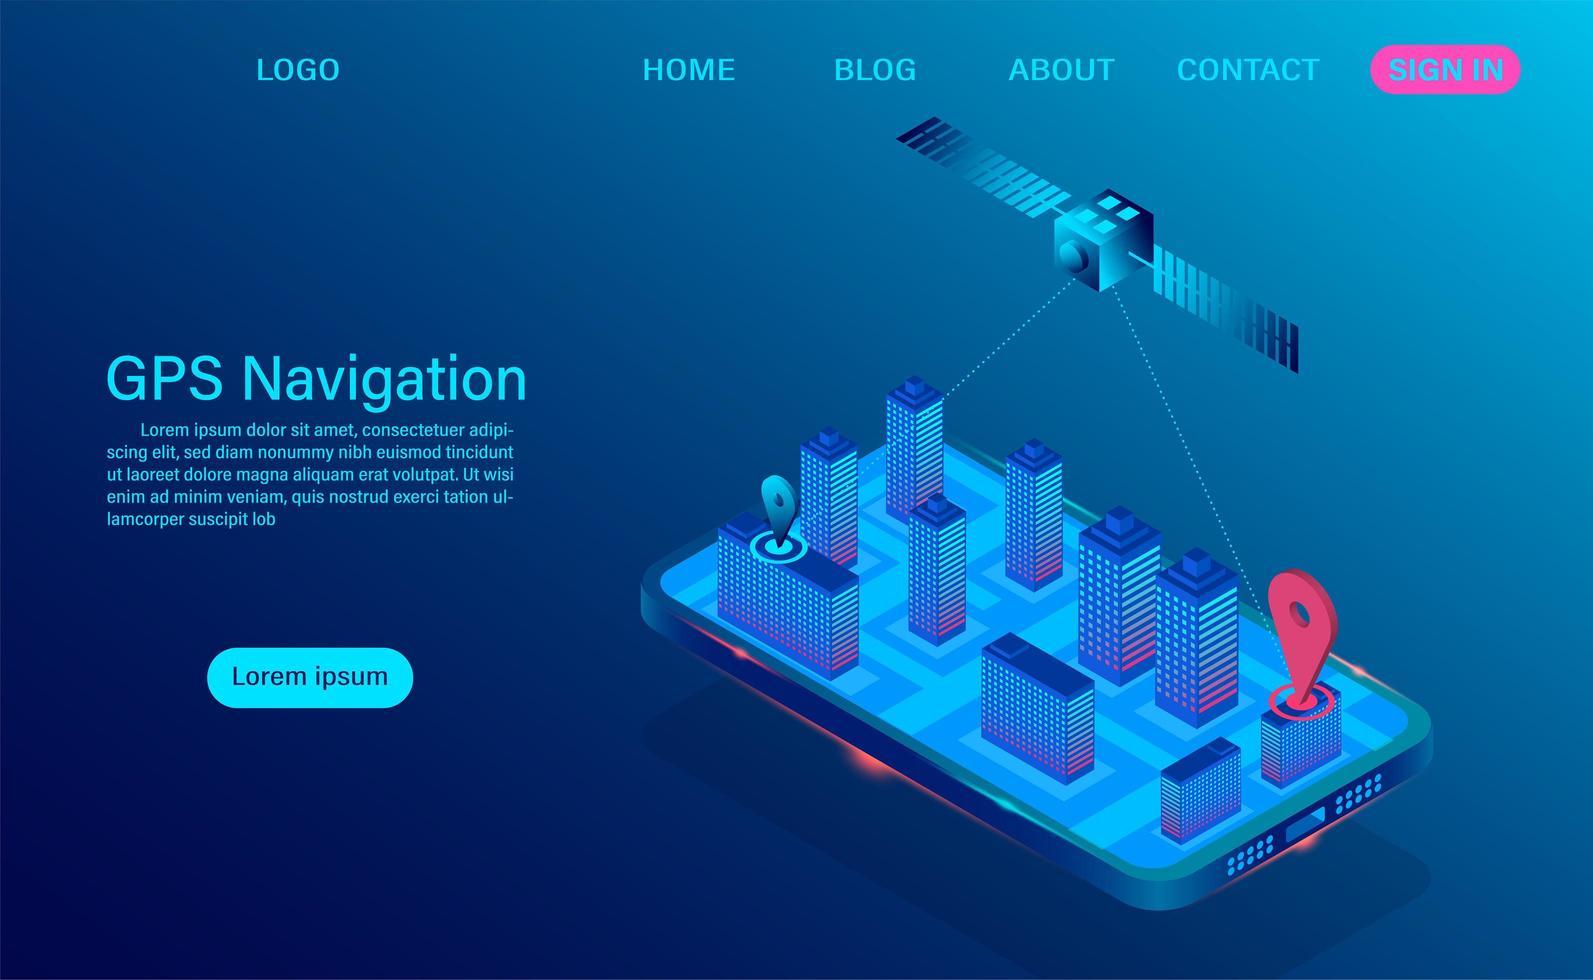 aplicación de navegación gps en concepto de teléfono inteligente vector